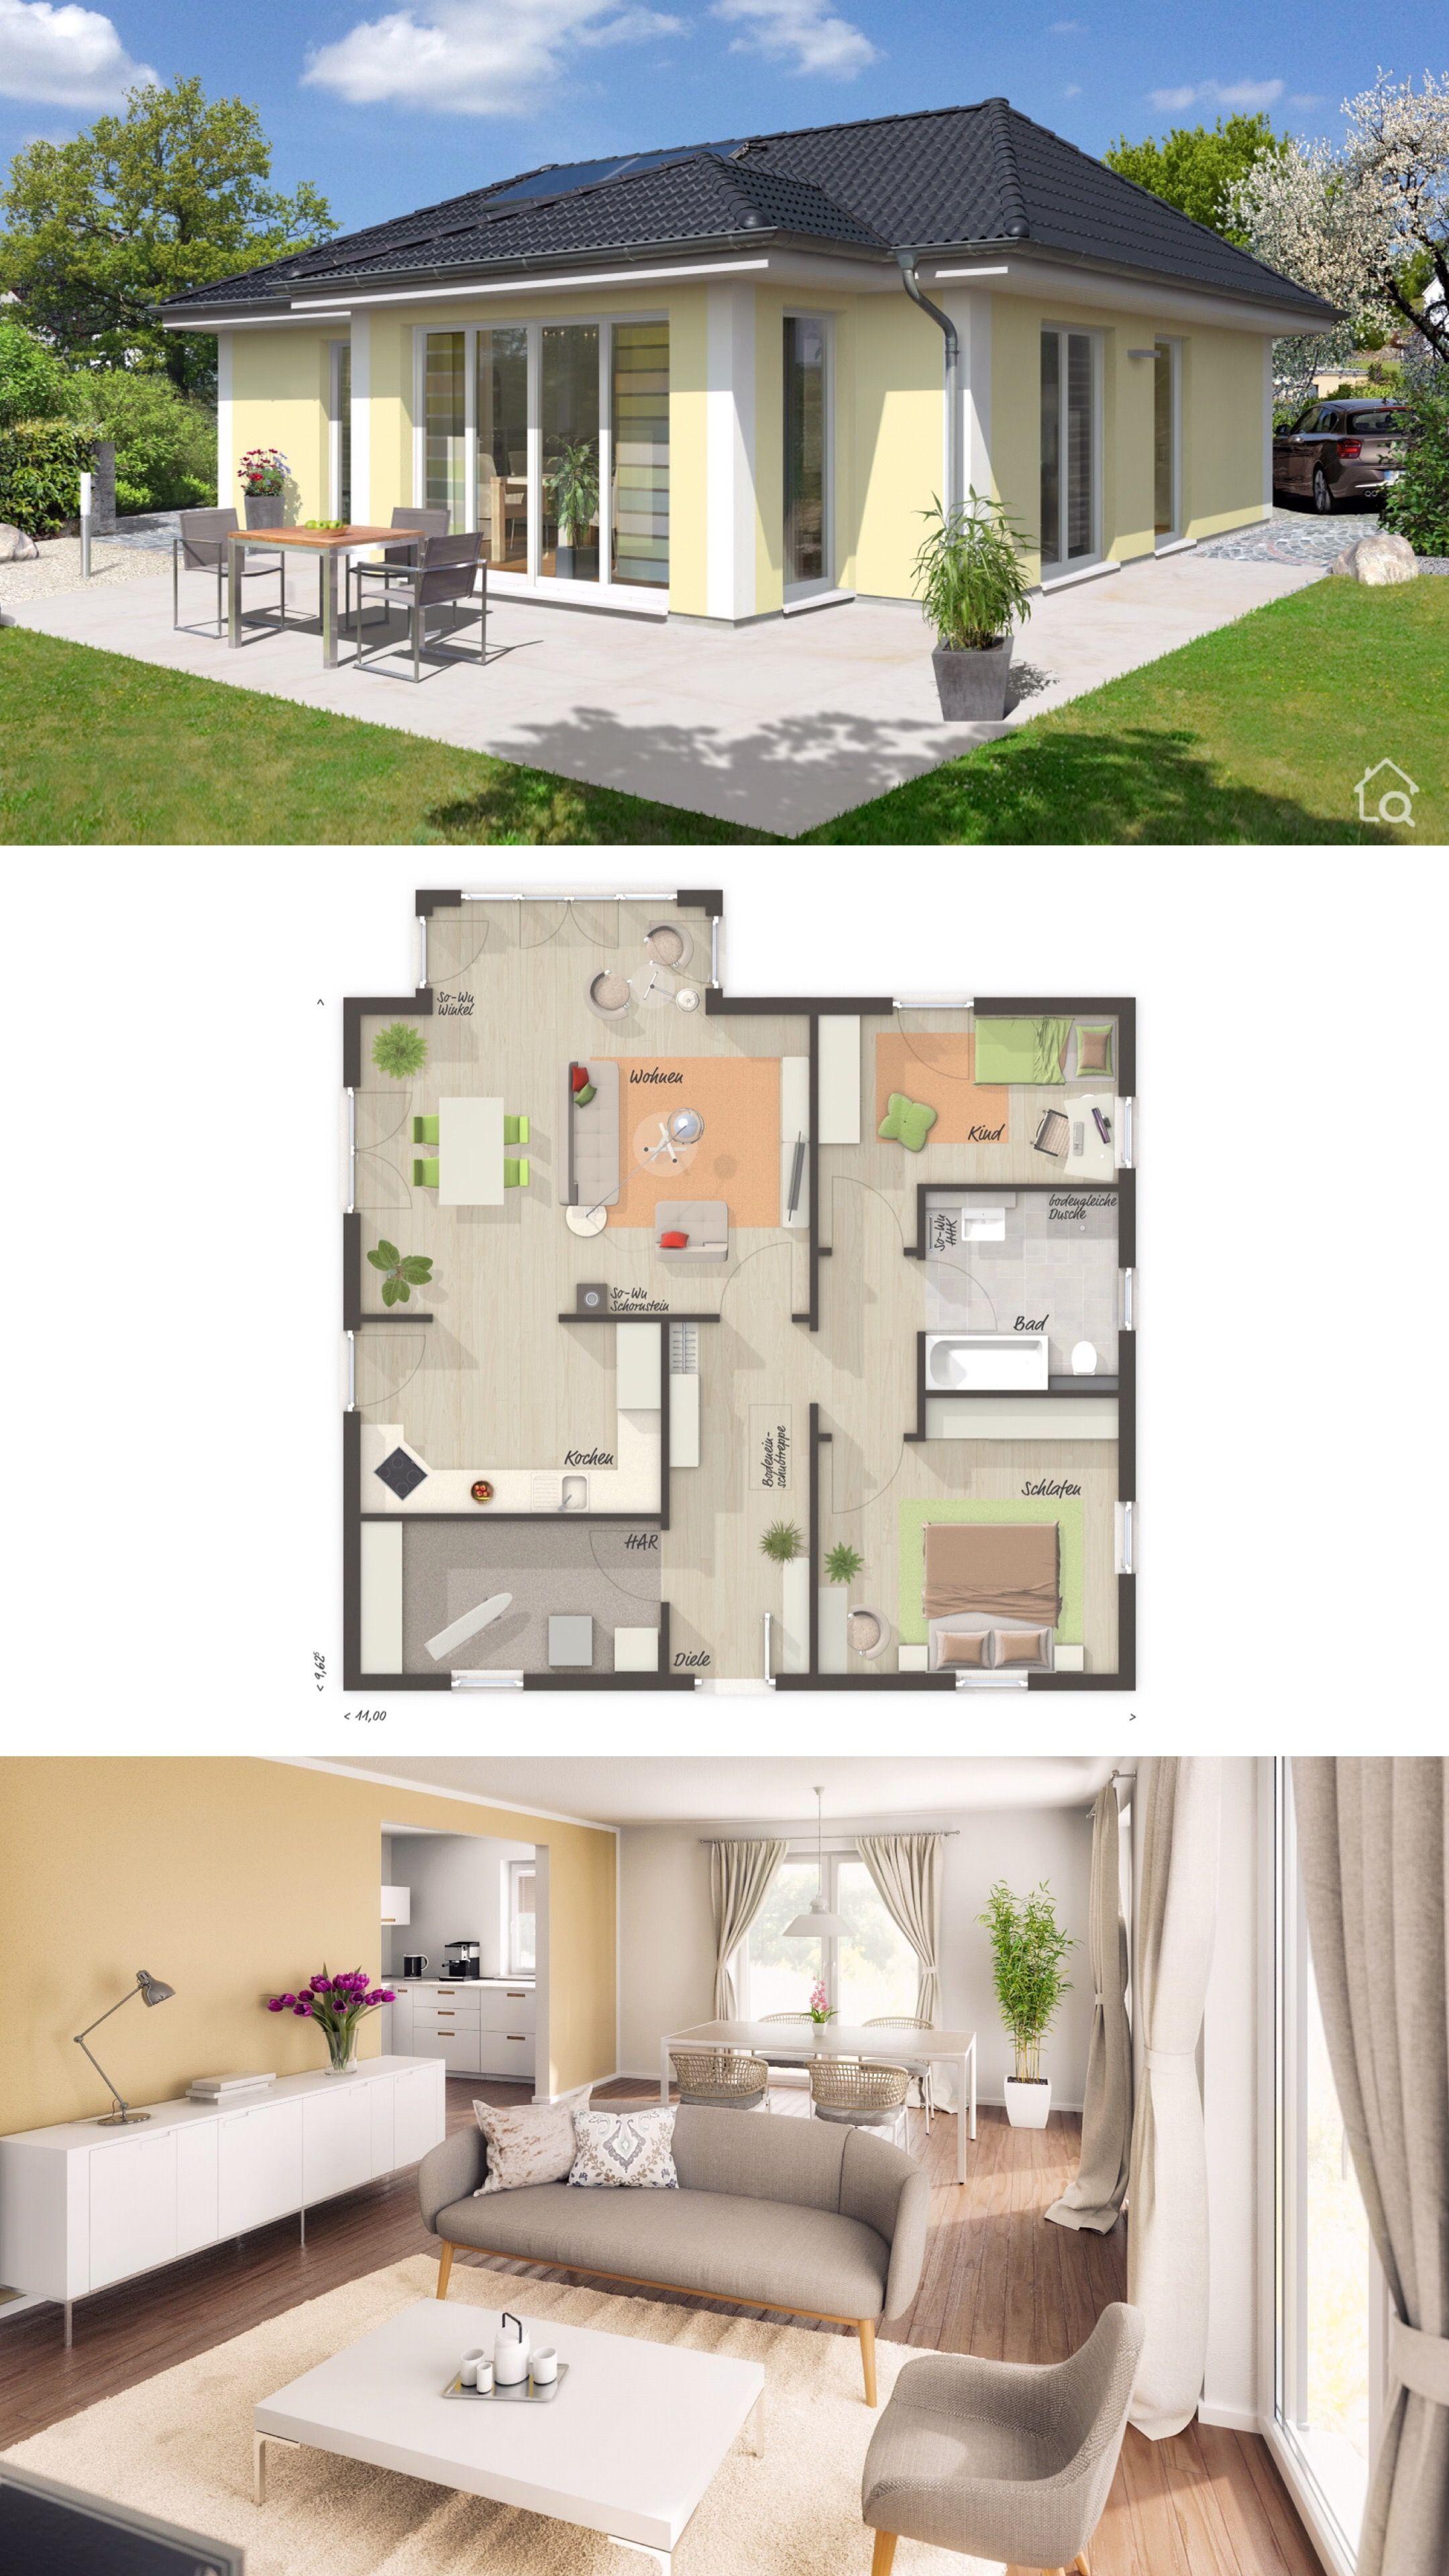 Massivhaus Bungalow mit Walmdach Architektur